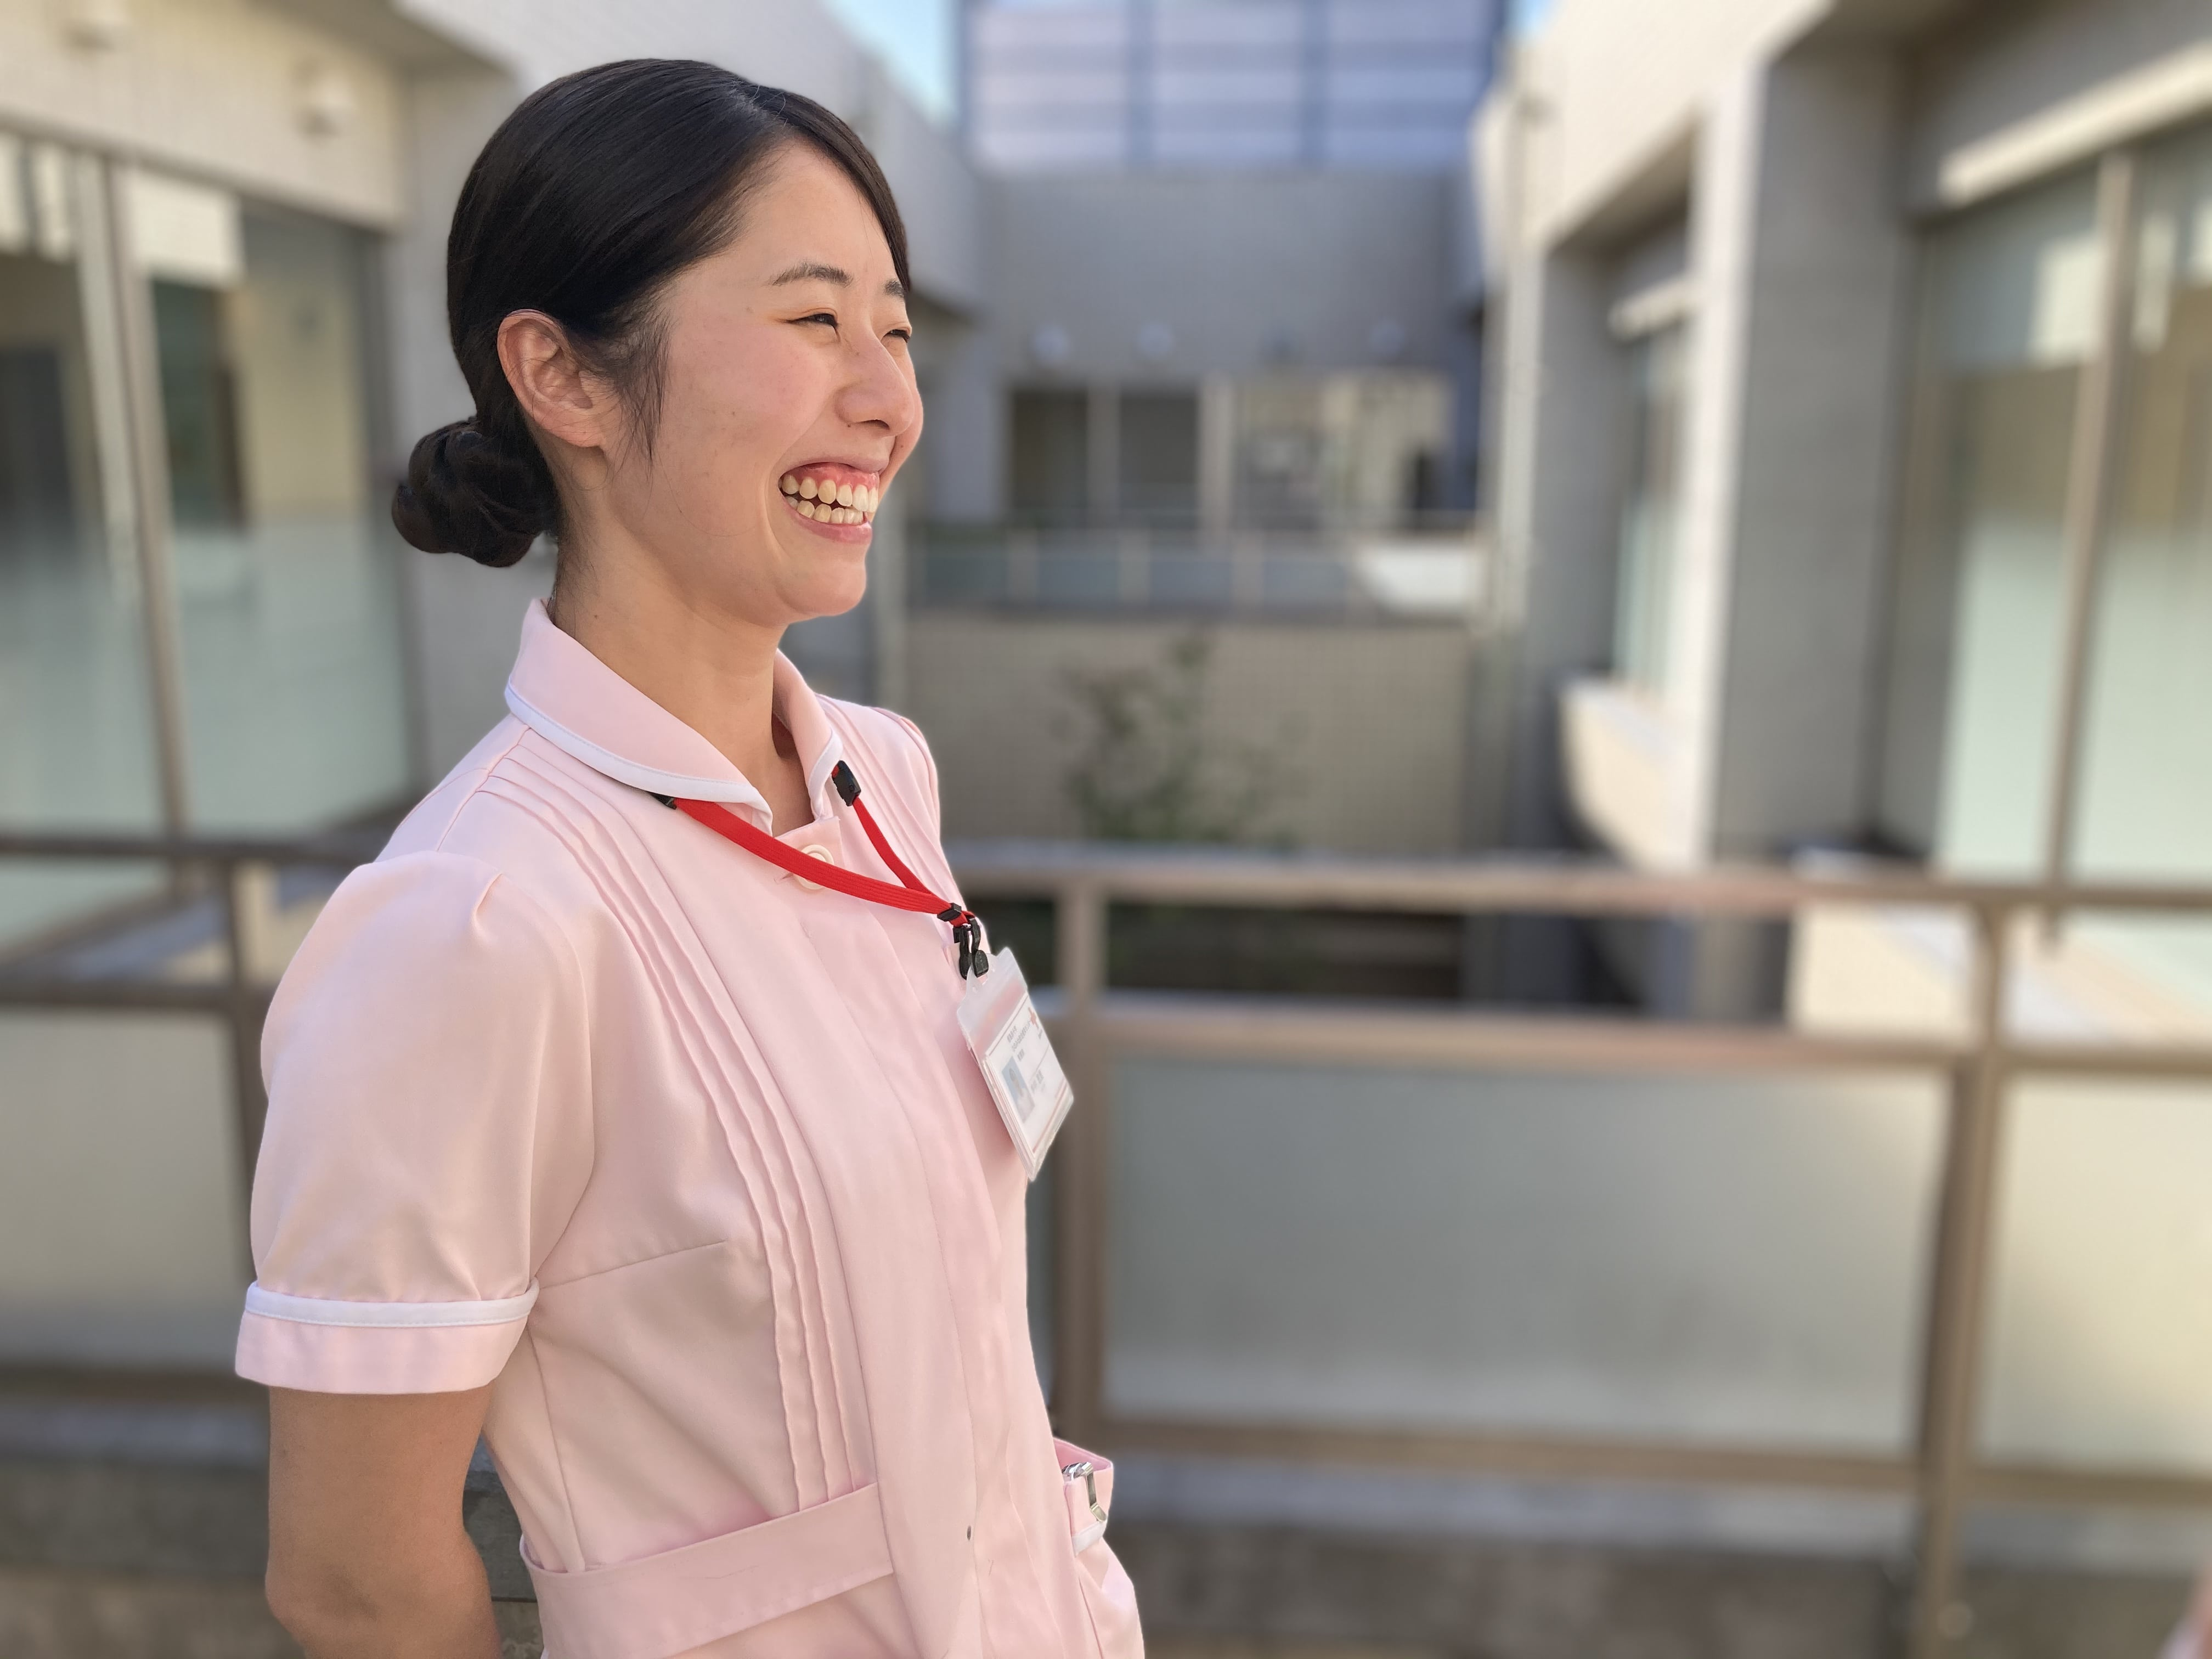 徳島赤十字ひのみね総合療育センター 徳島赤十字障がい者支援施設ひのみね